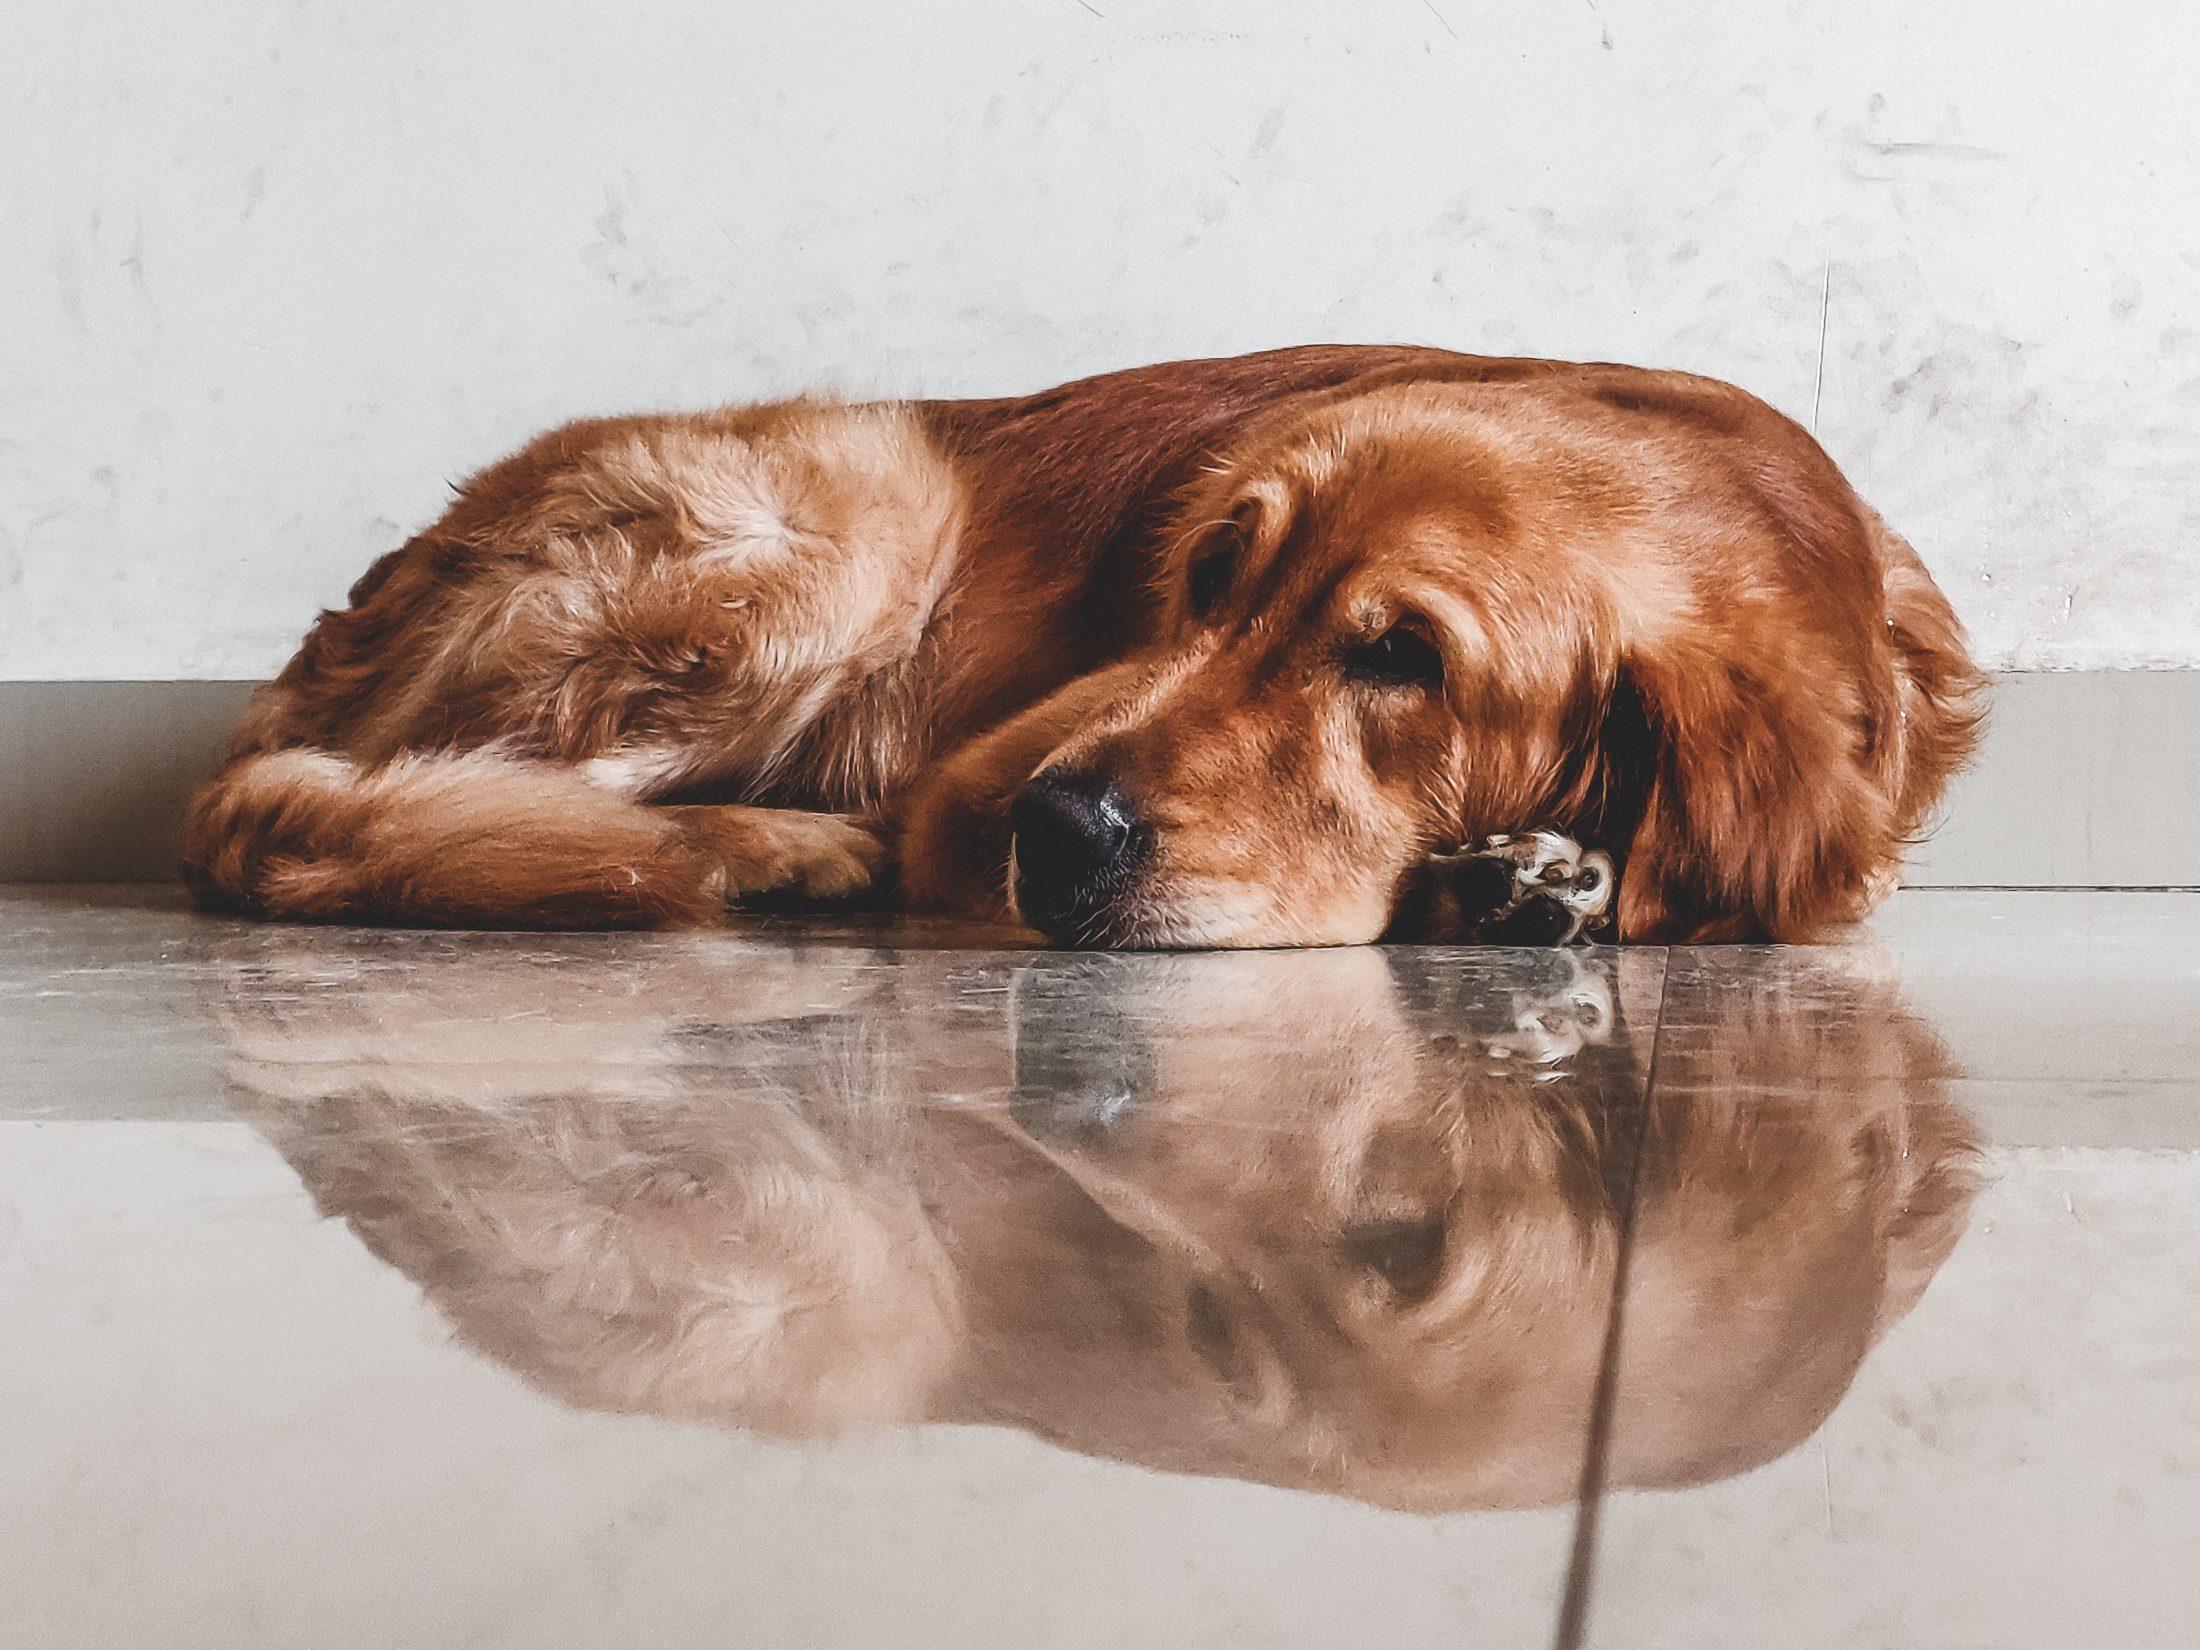 cachorro idoso deitado em chão frio liso e brilhante